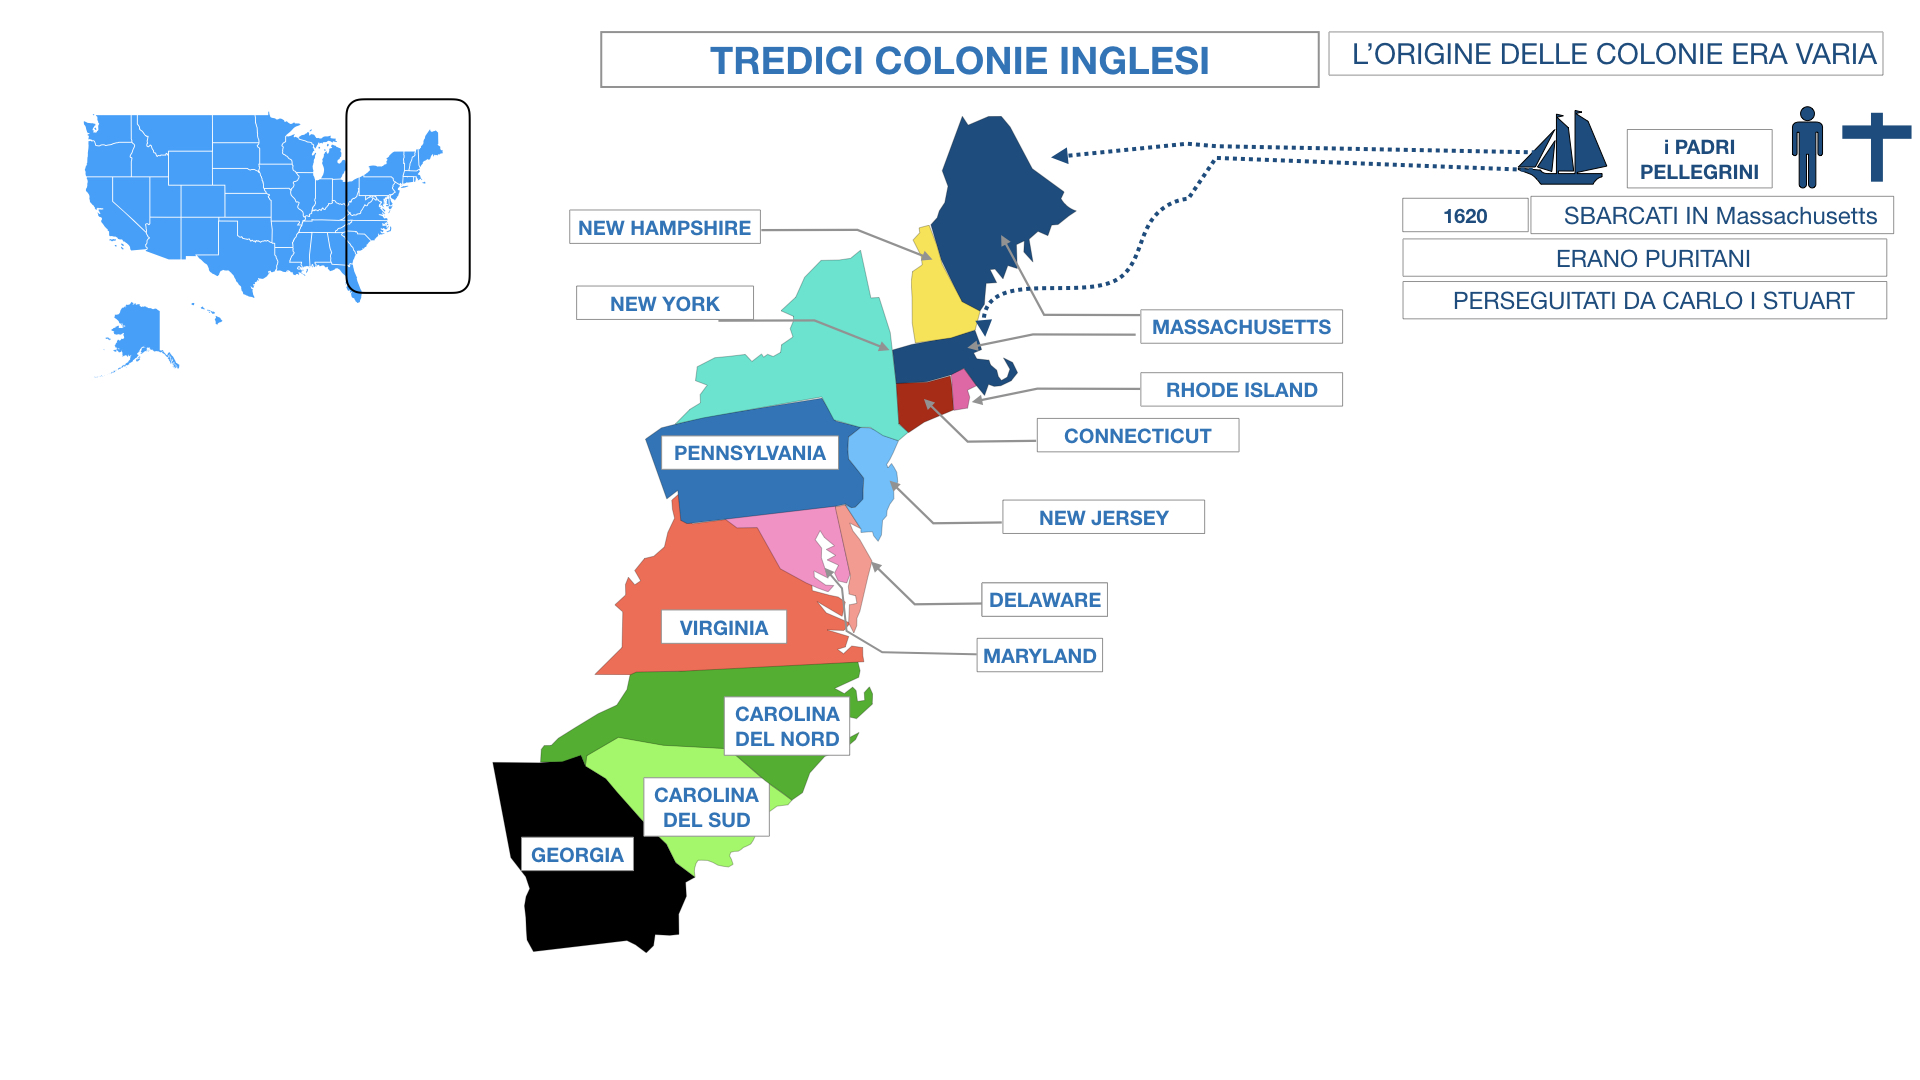 AMERICA LE TREDICI COLONIE INGLESI SIMULAZIONE.043